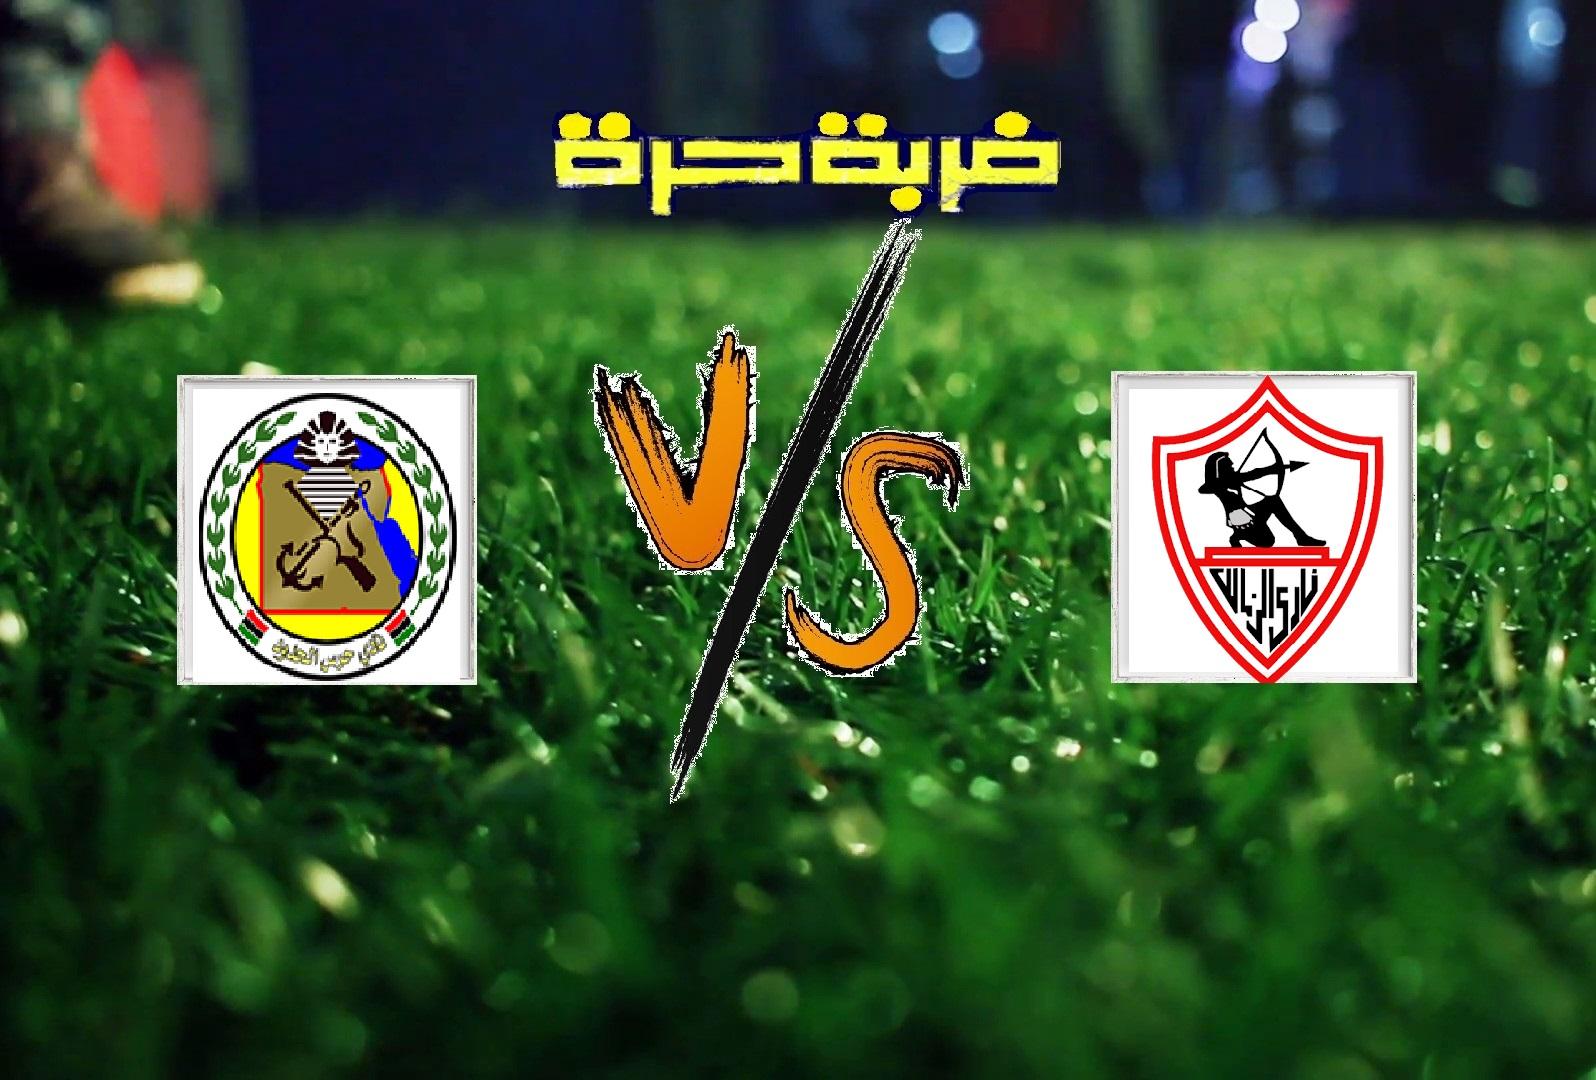 نتيجة مباراة الزمالك وحرس الحدود اليوم الاثنين بتاريخ 03-06-2019 الدوري المصري